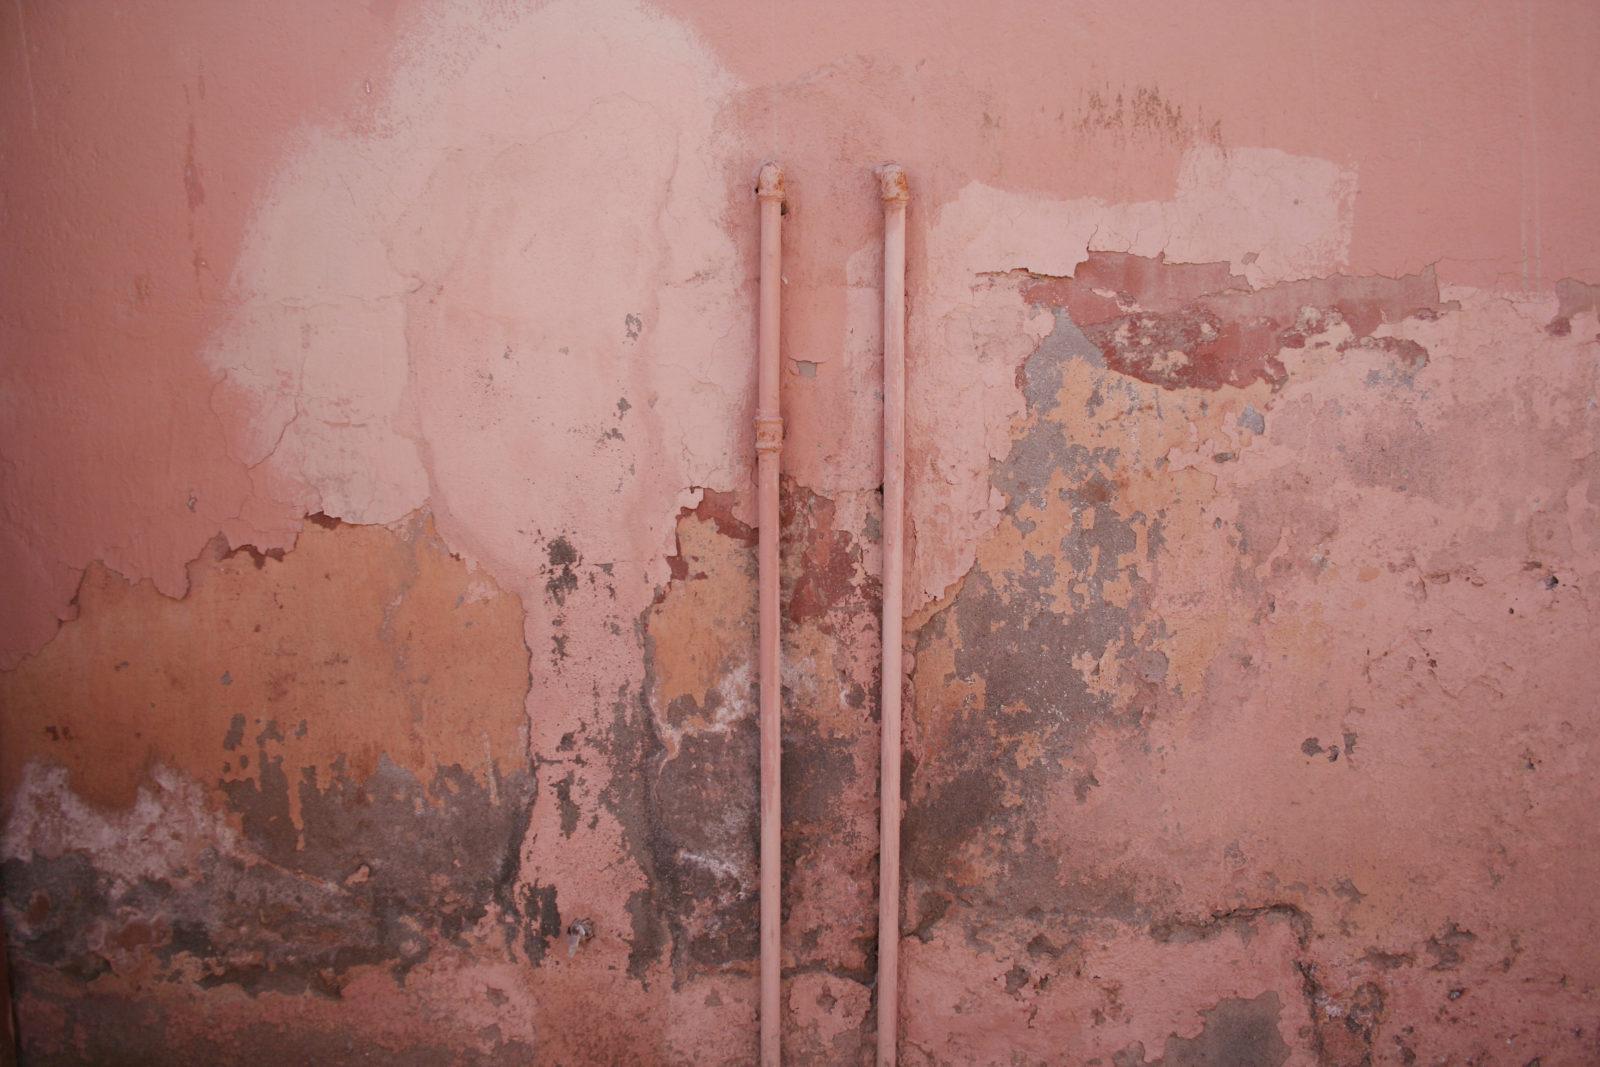 un mur endommagé